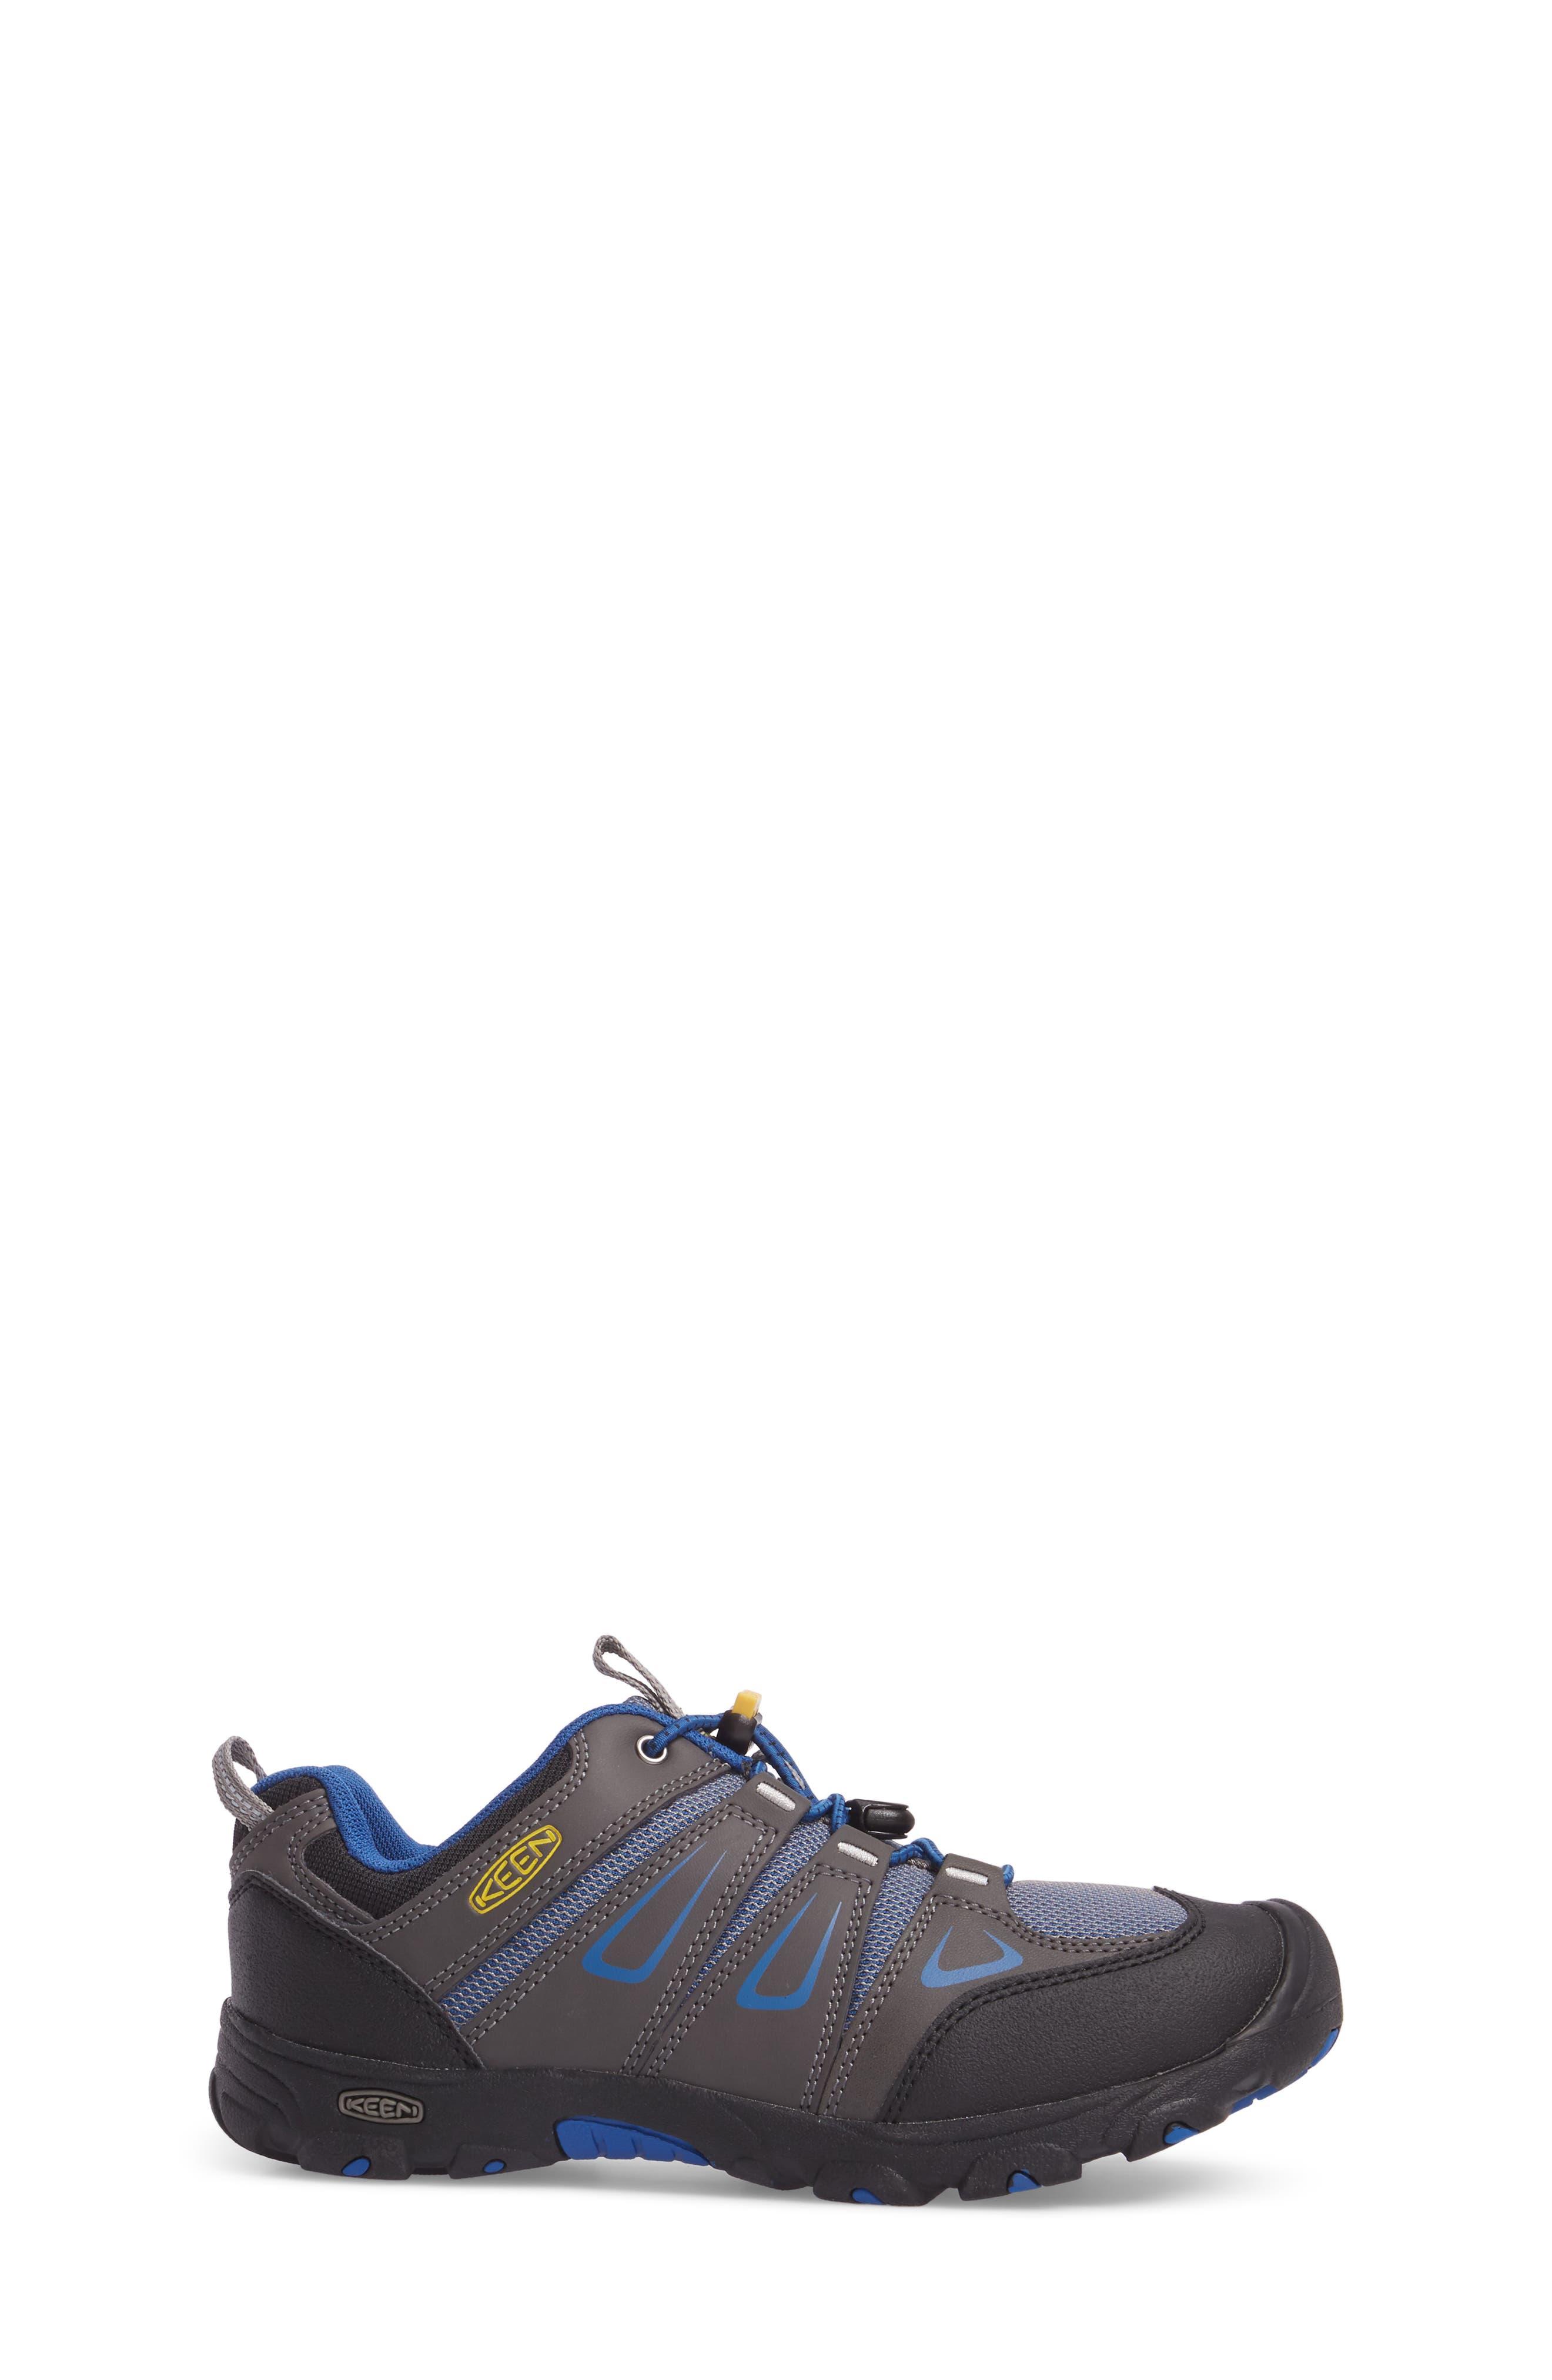 Oakridge Hiking Shoe,                             Alternate thumbnail 4, color,                             Magnet/ True Blue